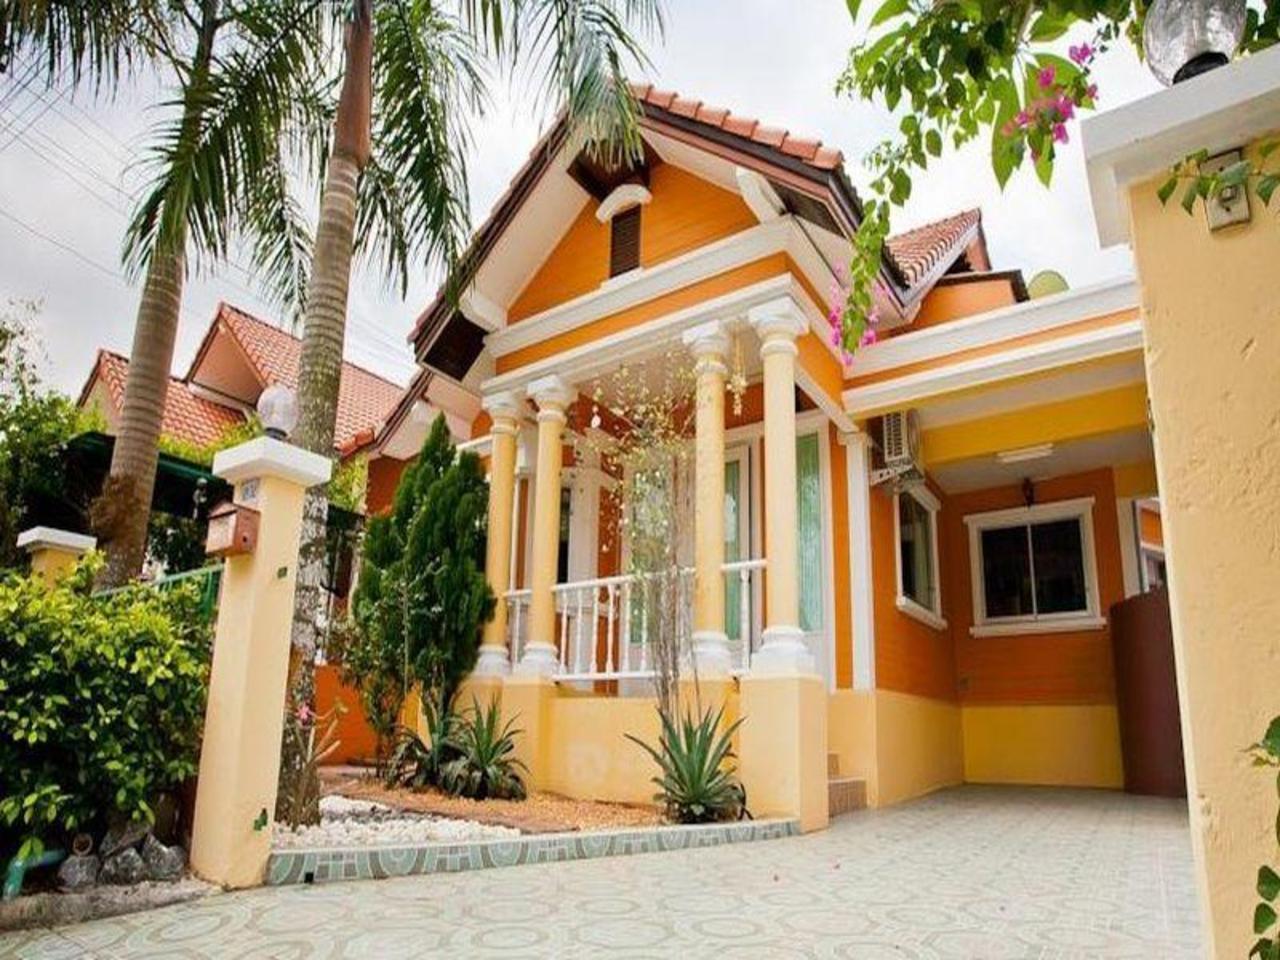 บุษบา 3 เบดรูม วิลลา บาย พีท เซอร์วิส (Budsaba 3 bedroom Villa by Pete Serviced)